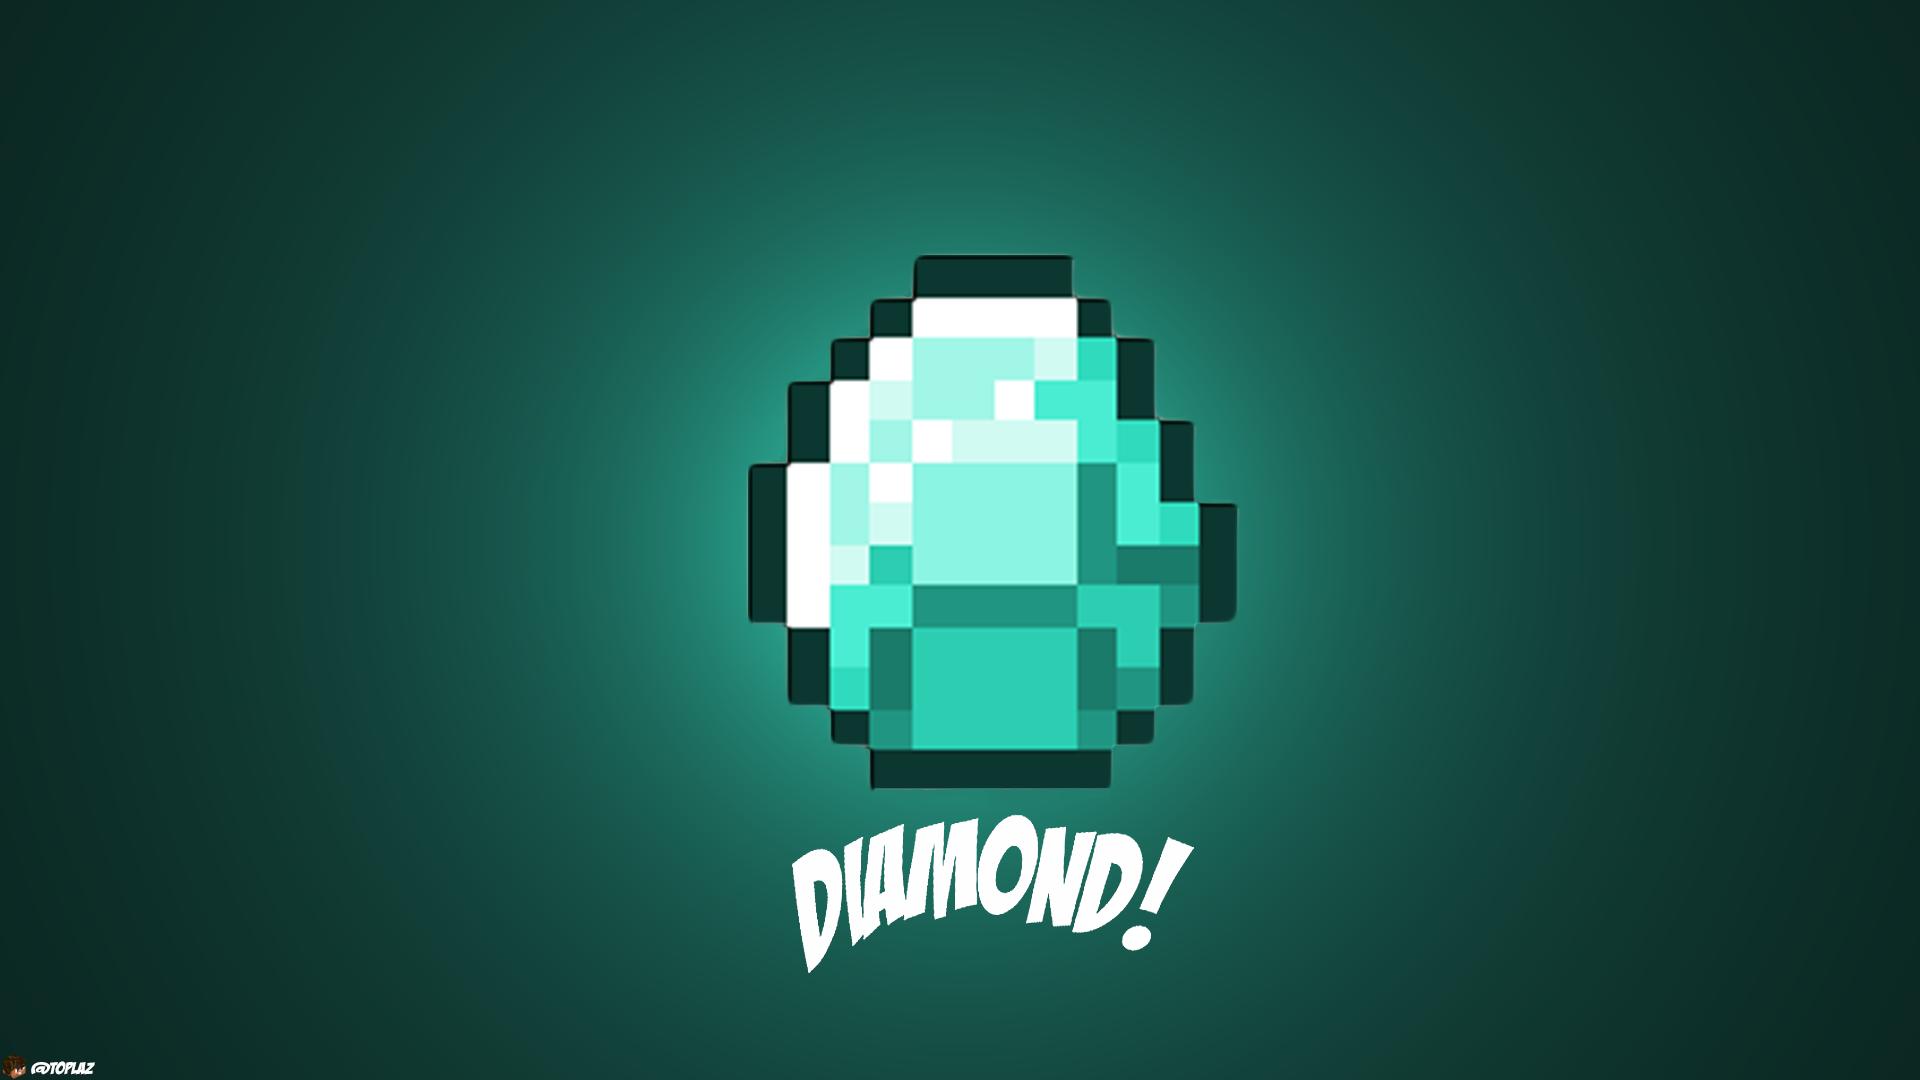 Minecraft diamonds 4672 1920x1080 px hdwallsource minecraft diamonds 4672 voltagebd Gallery